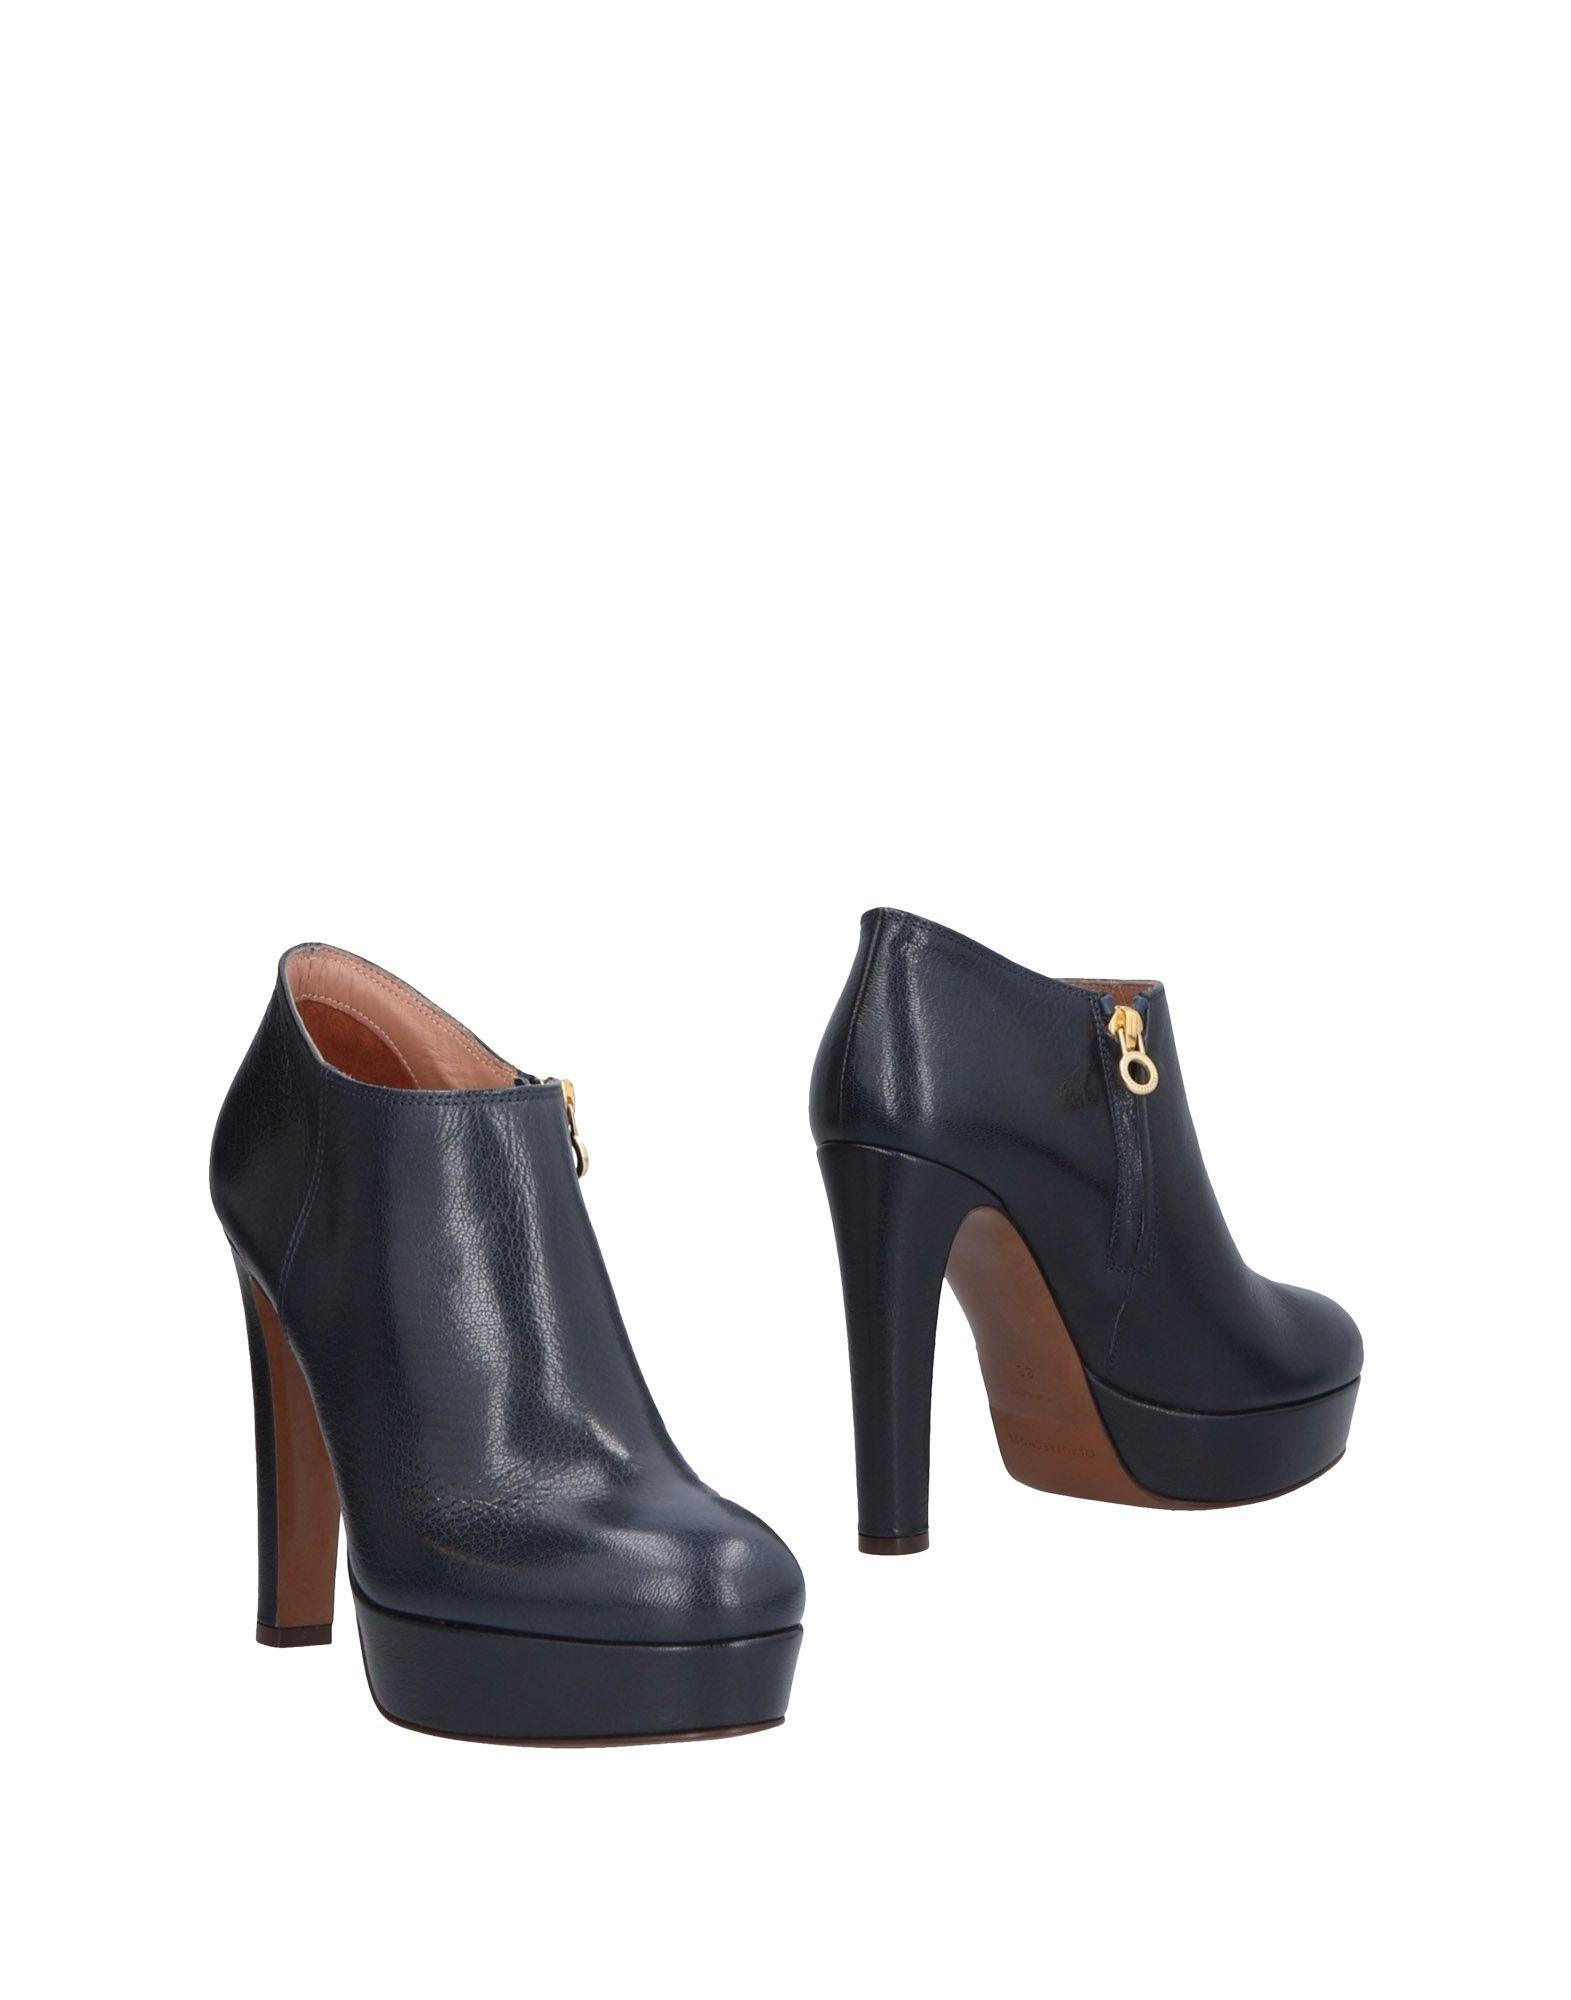 L' Autre Schuhe Chose Stiefelette Damen  11460307CE Neue Schuhe Autre 617222